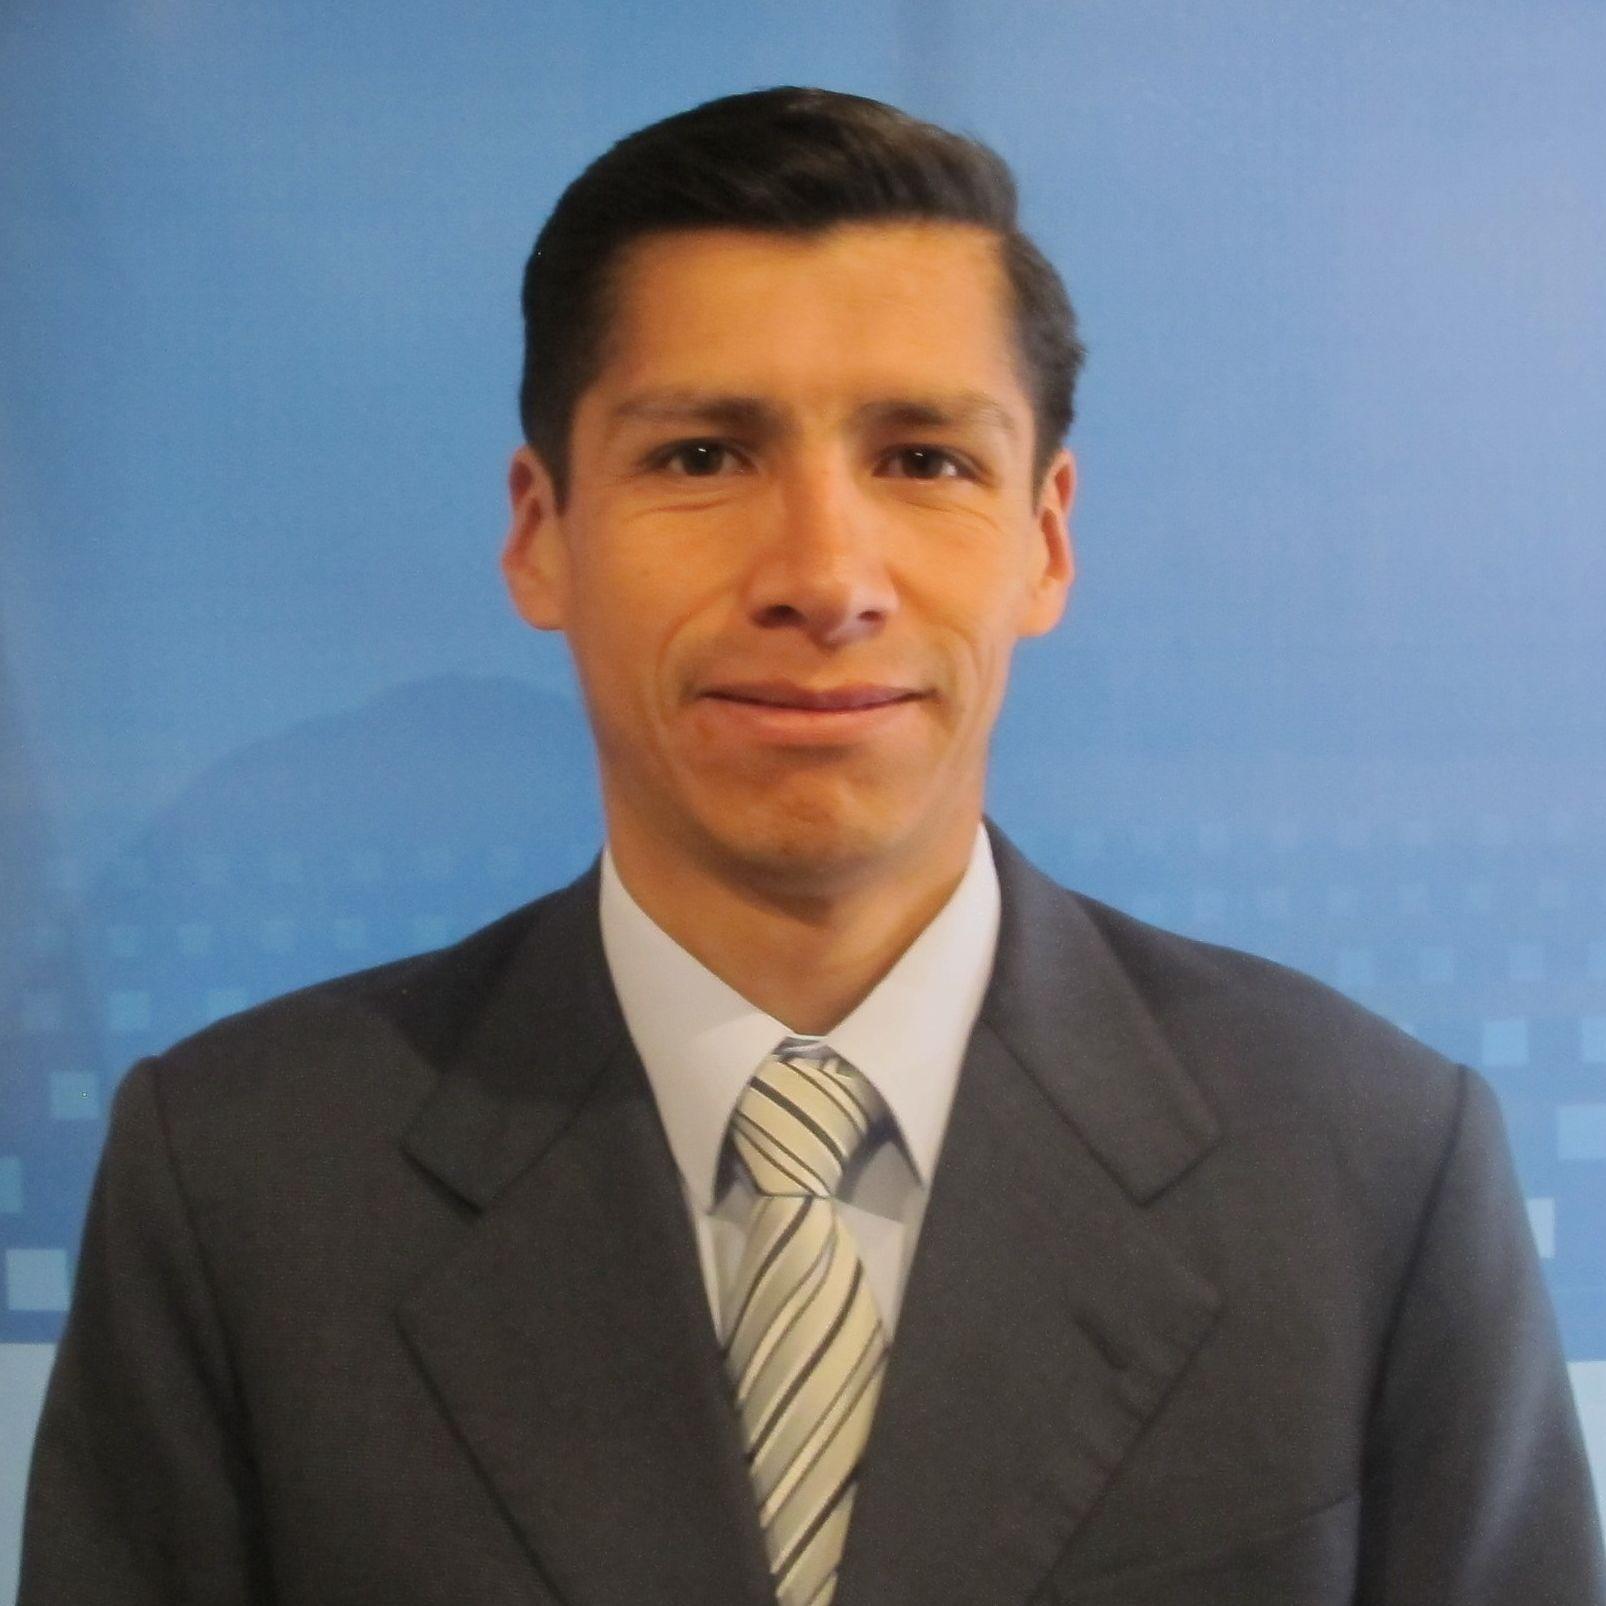 Contador / Administrador Hugo Suxo